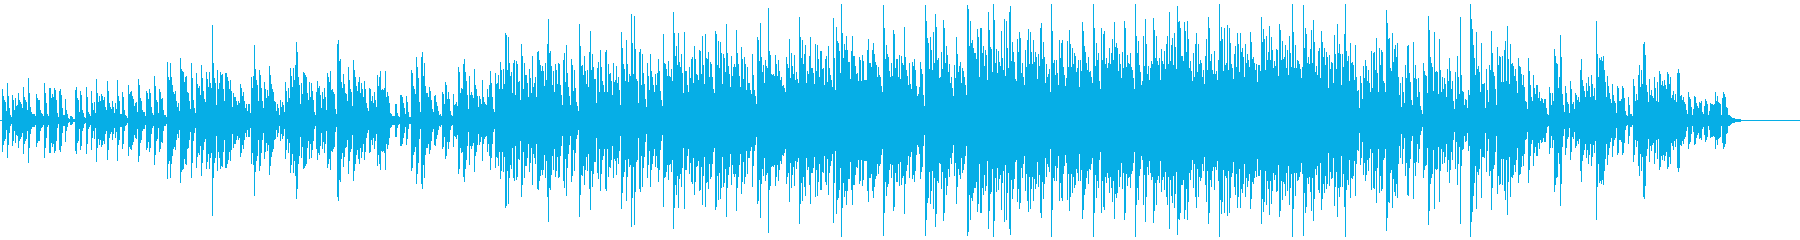 キュートでハッピーなエレクトロポップの再生済みの波形